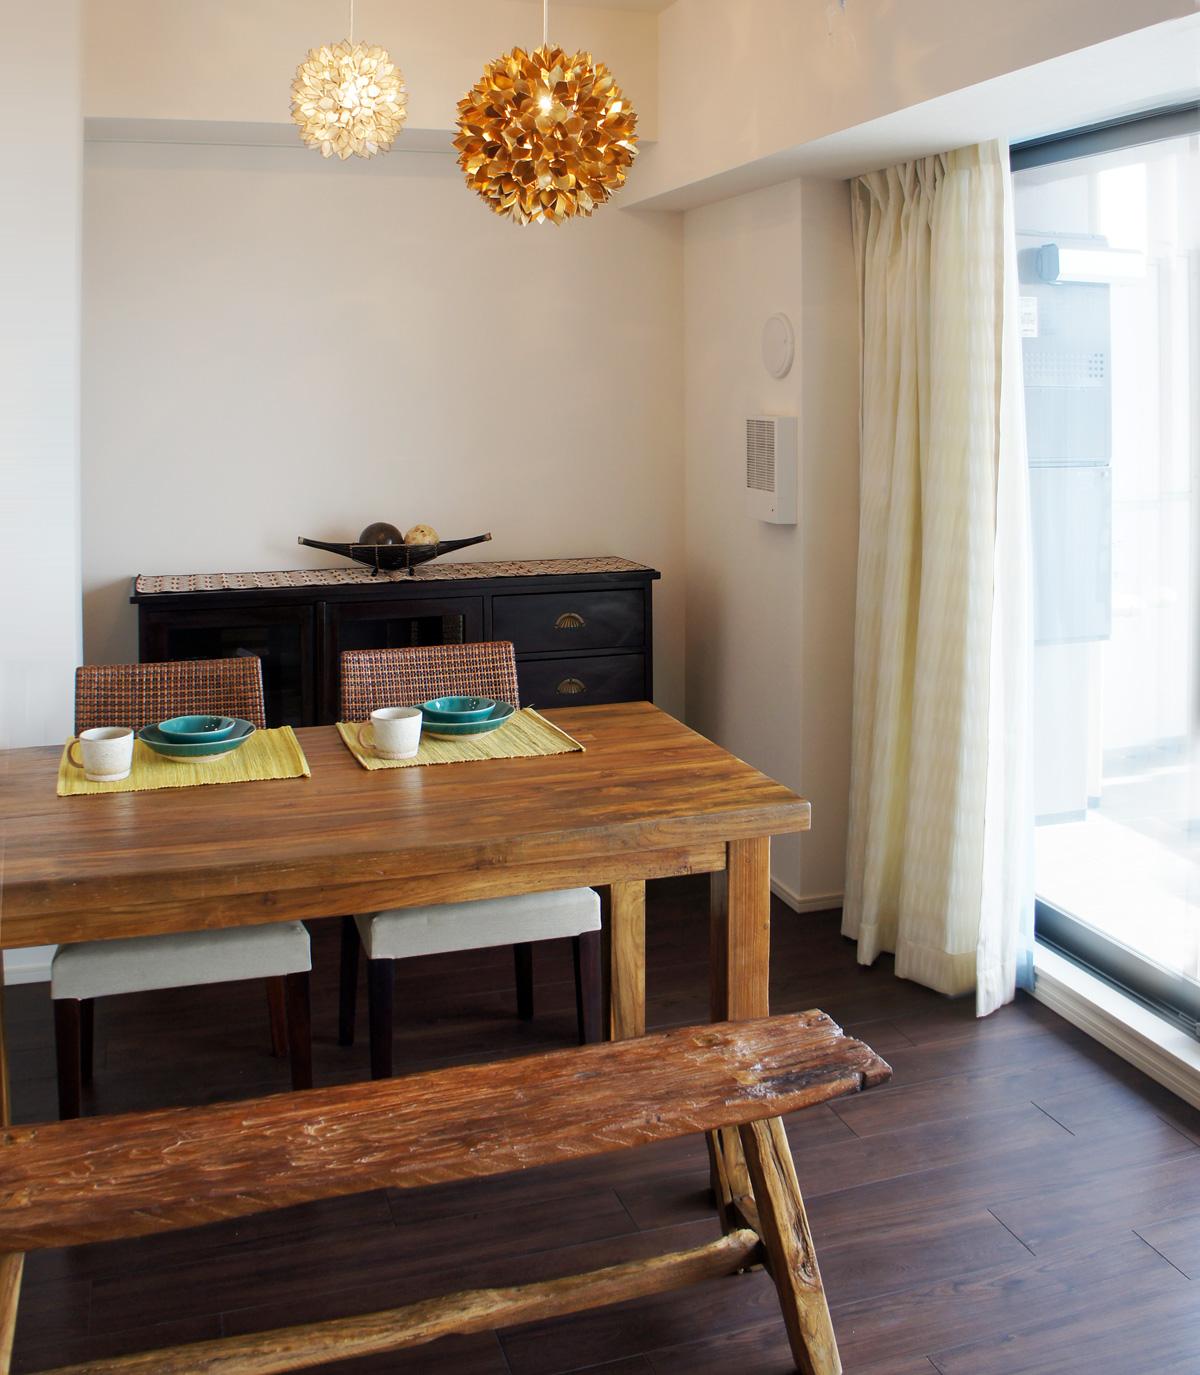 ナチュラルに暮らす、爽やかな新居のシーサイドスタイル3